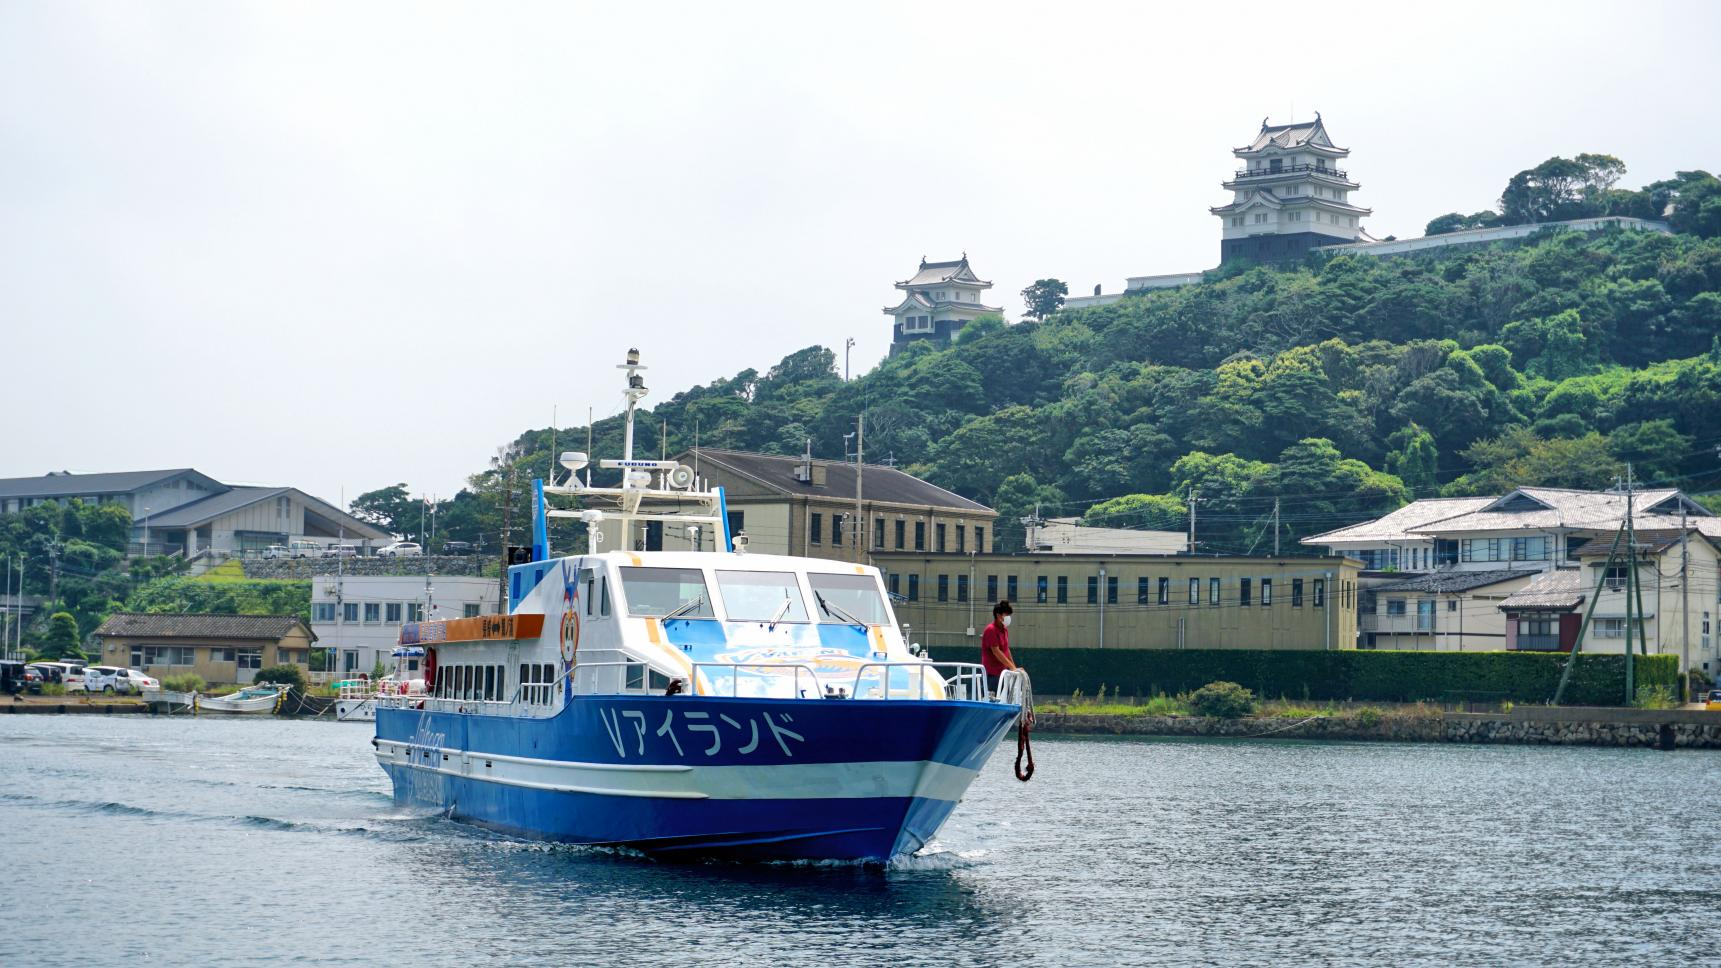 上五島 鯛ノ浦港⇔平戸港 チャーター便航路-1